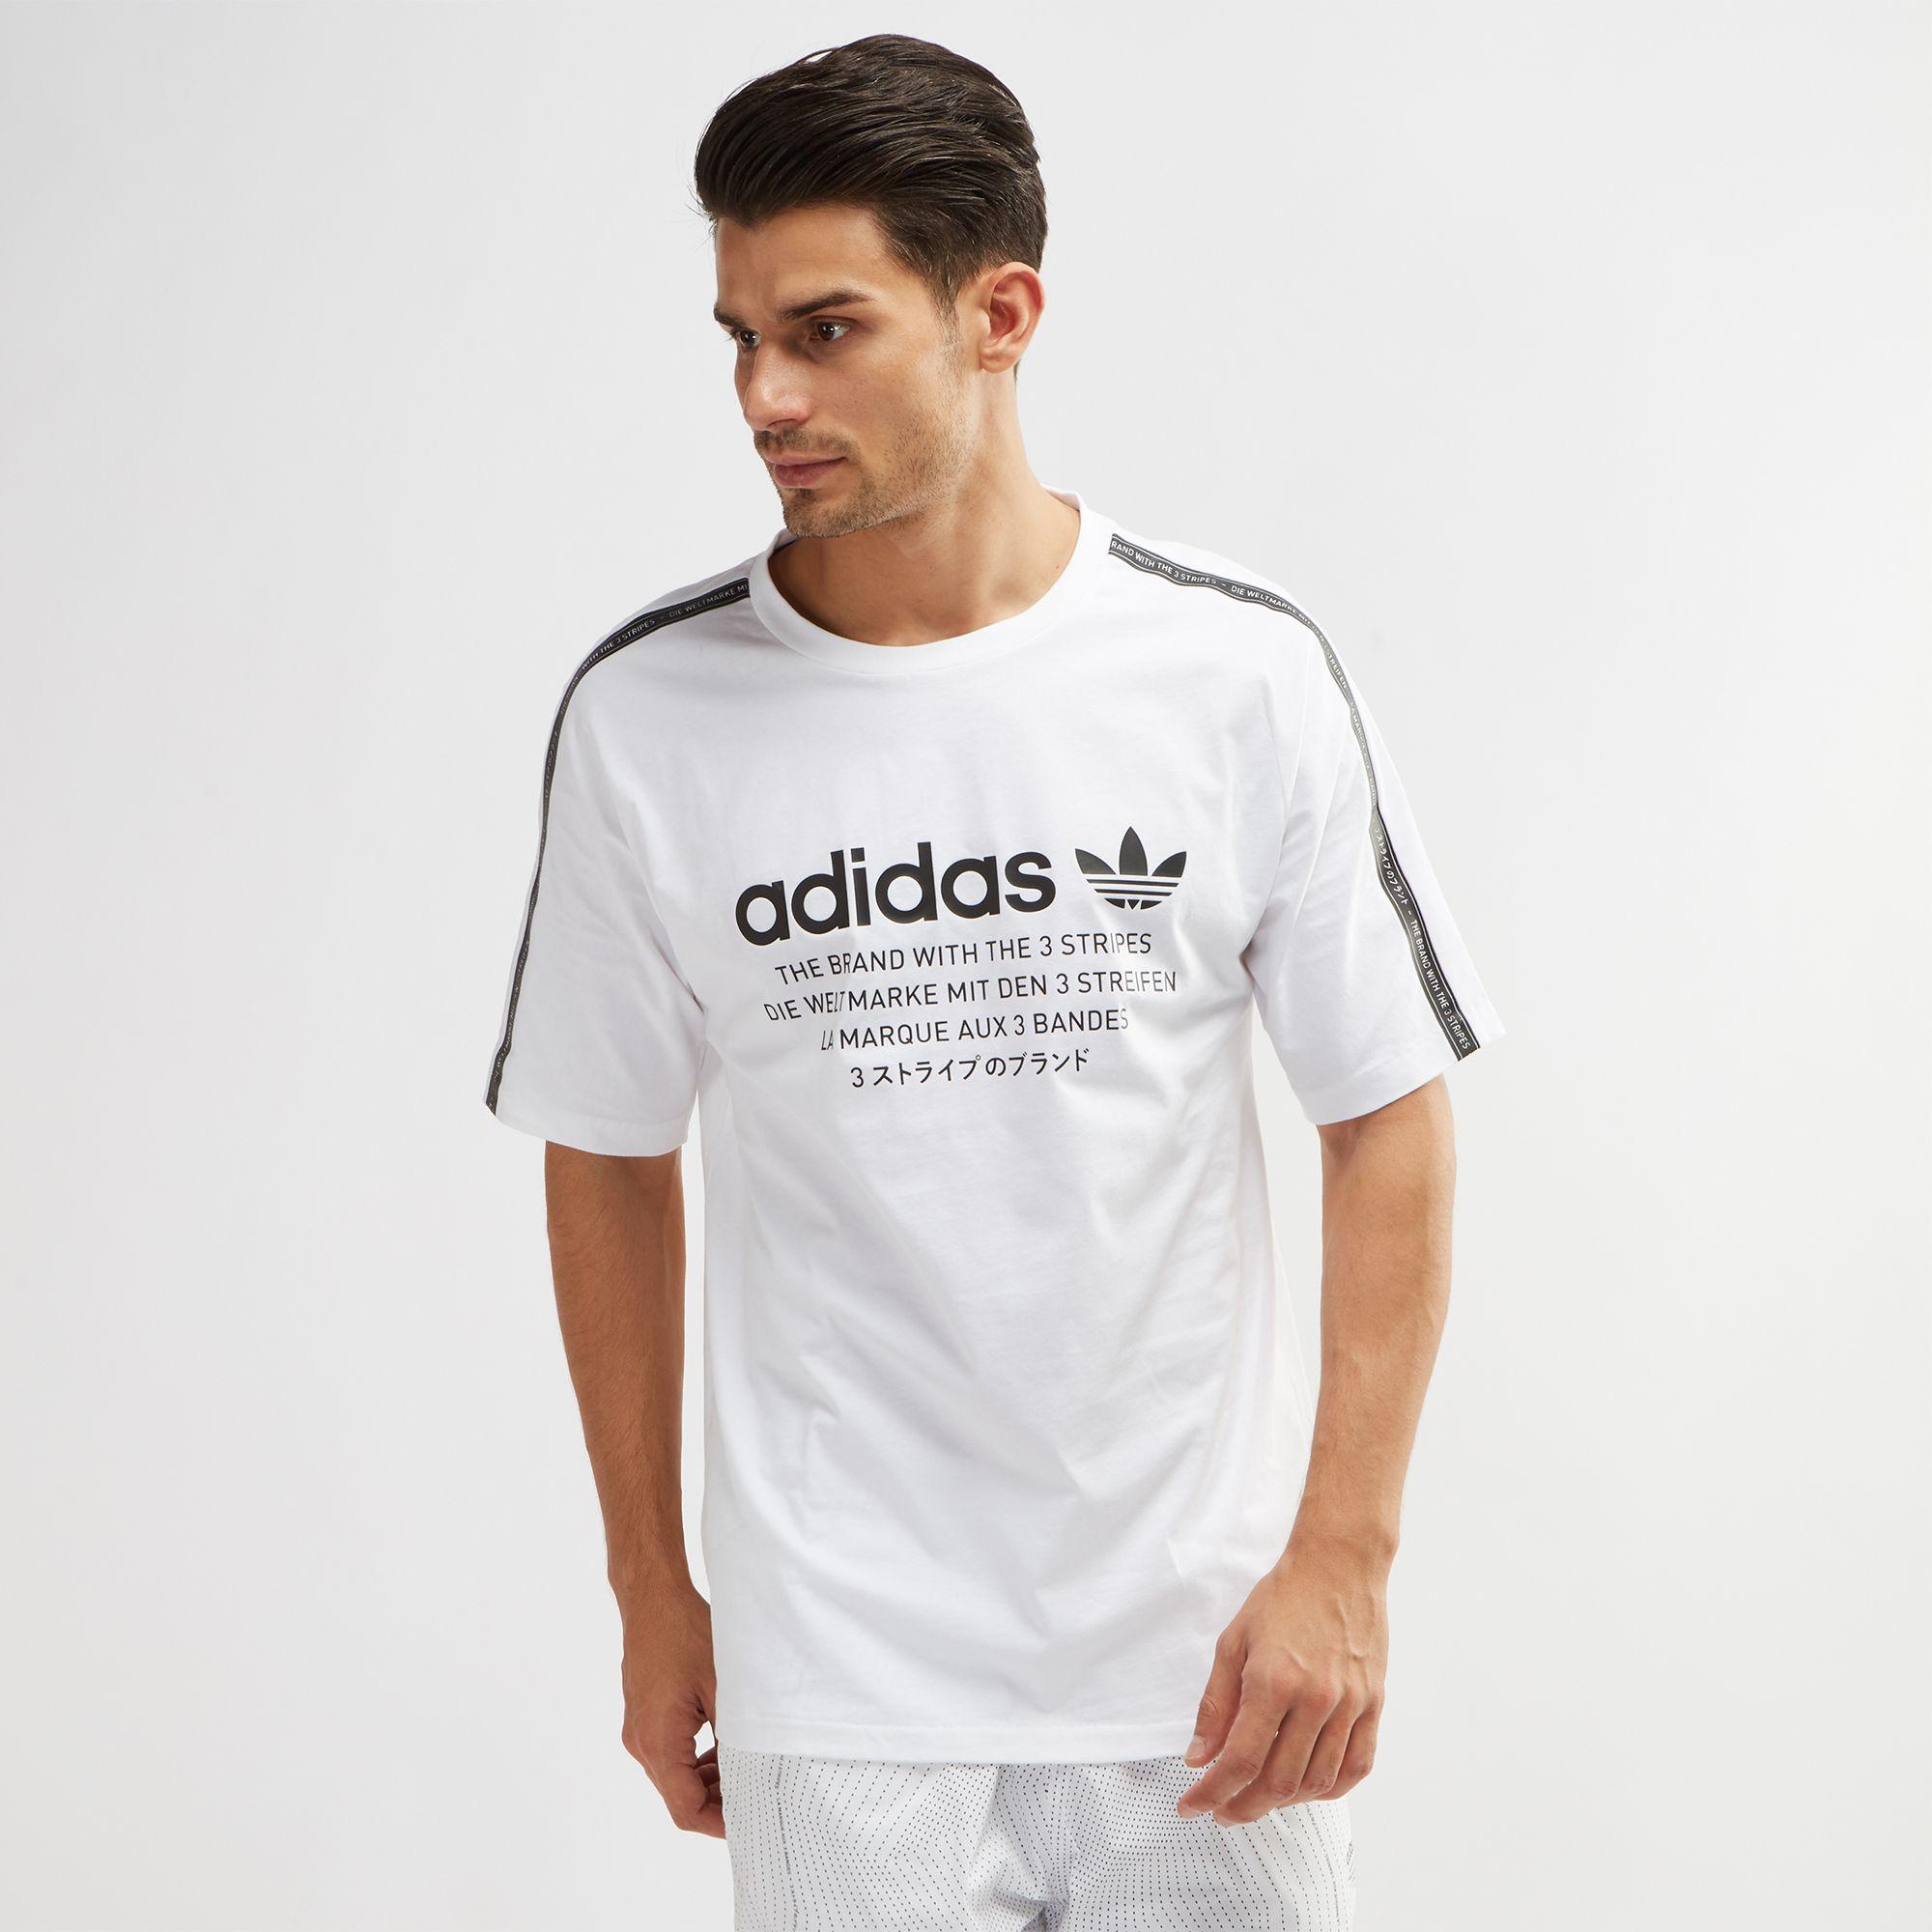 aceceacb1 Adidas T Shirt Price In Ksa